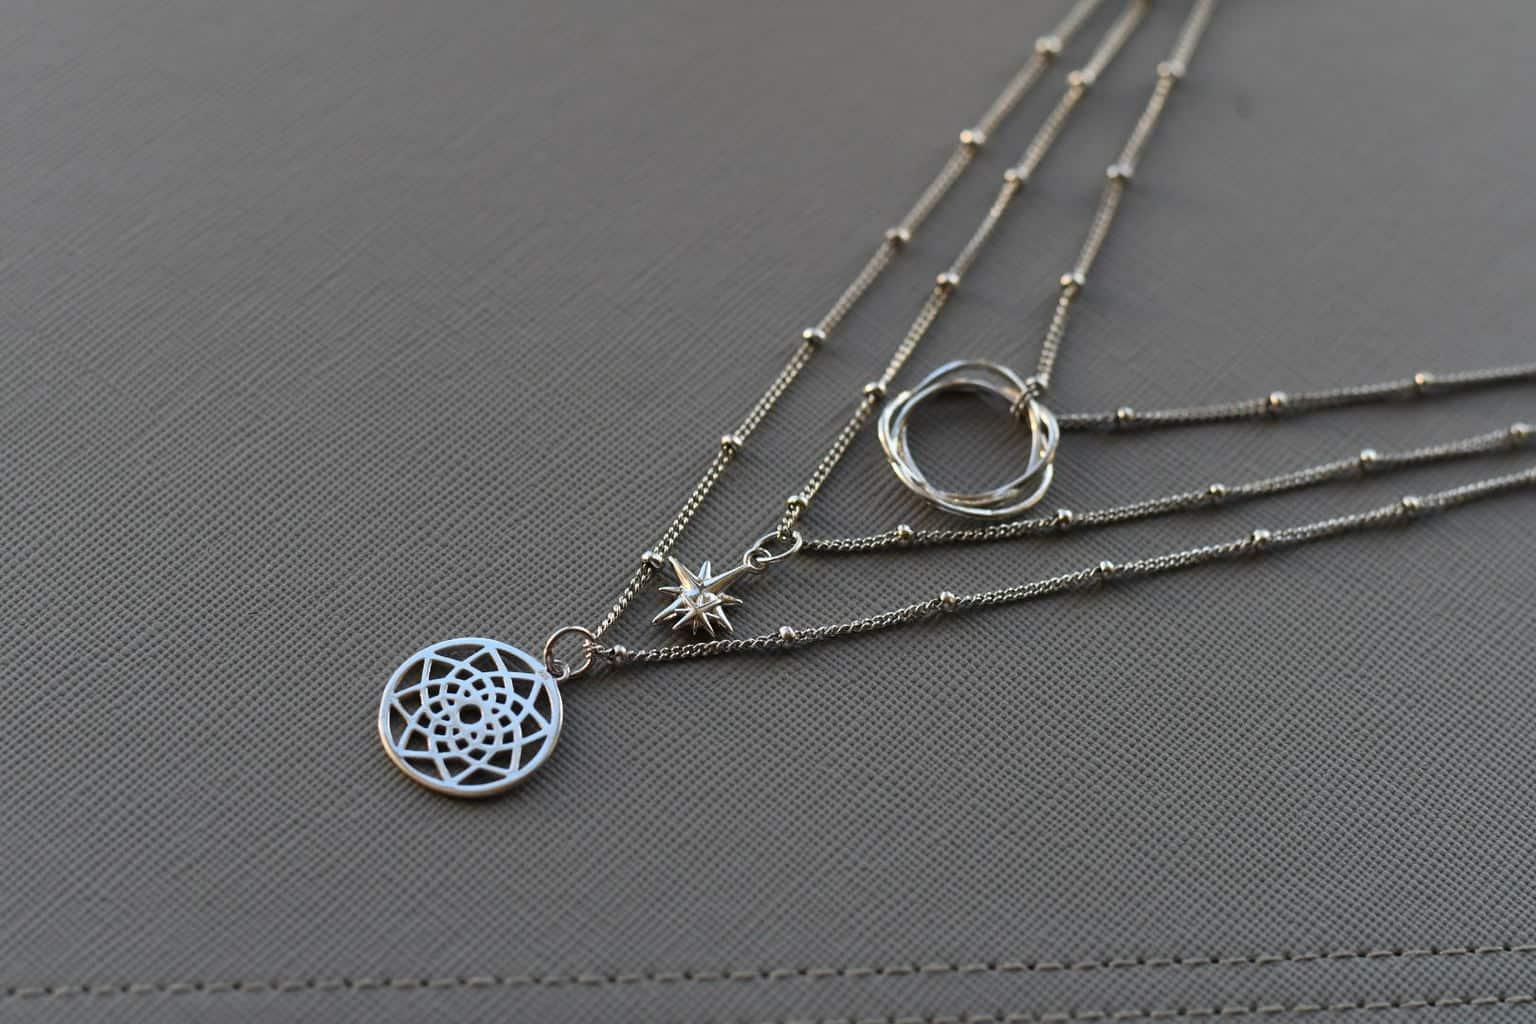 Thoughtful gifting from Muru Jewellery